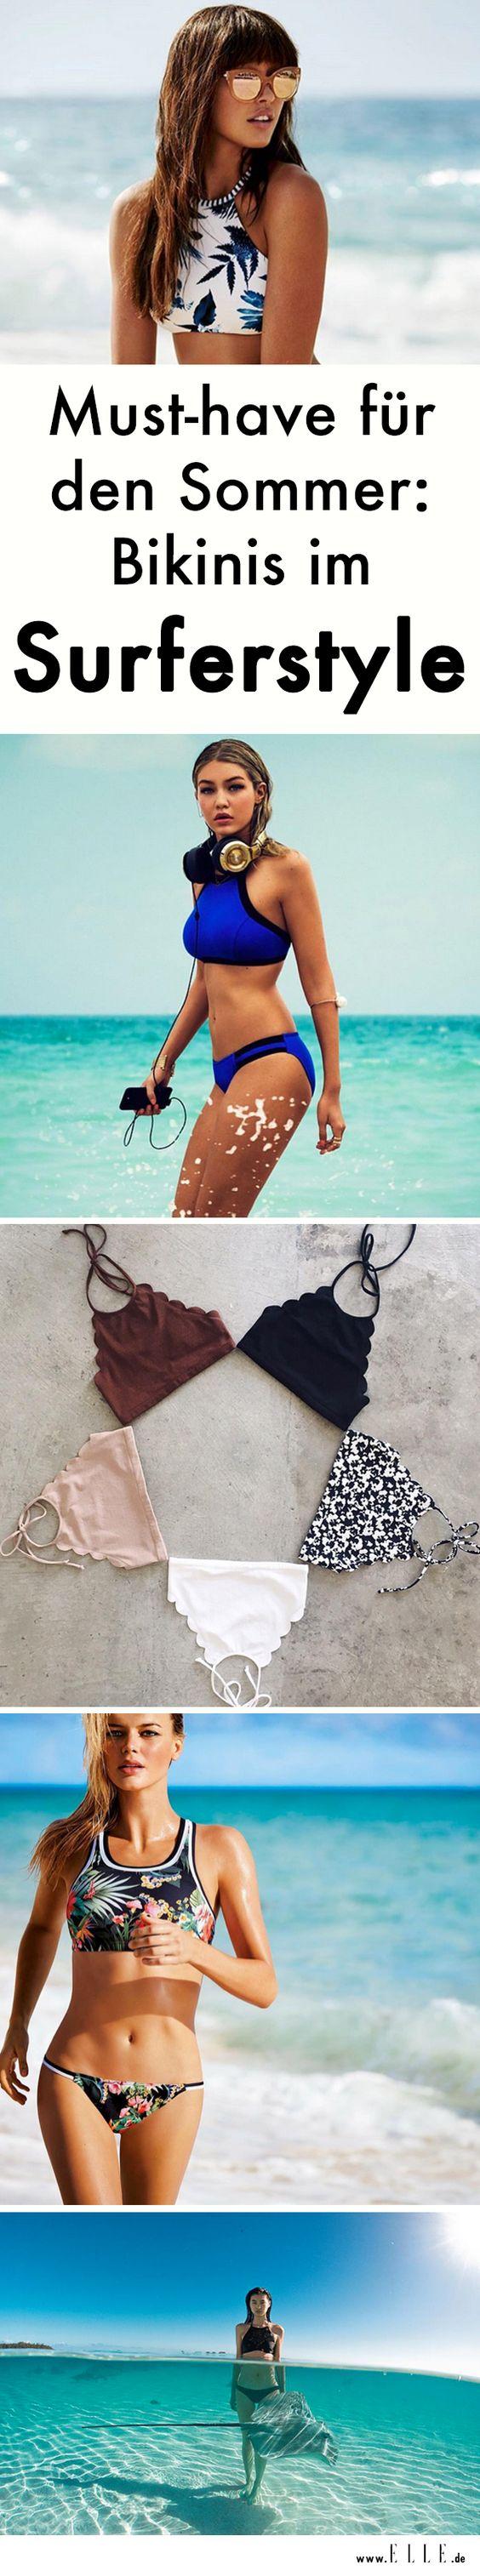 Mit diesen Bikinis surft du auf der Trendwelle des Sommers. Inspiration holen wir uns von den coolsten Surfergirls von Hawaii bis Bondi Beach und funktionieren den sportlichen Look einfach zum liebsten Strandoutfit um.